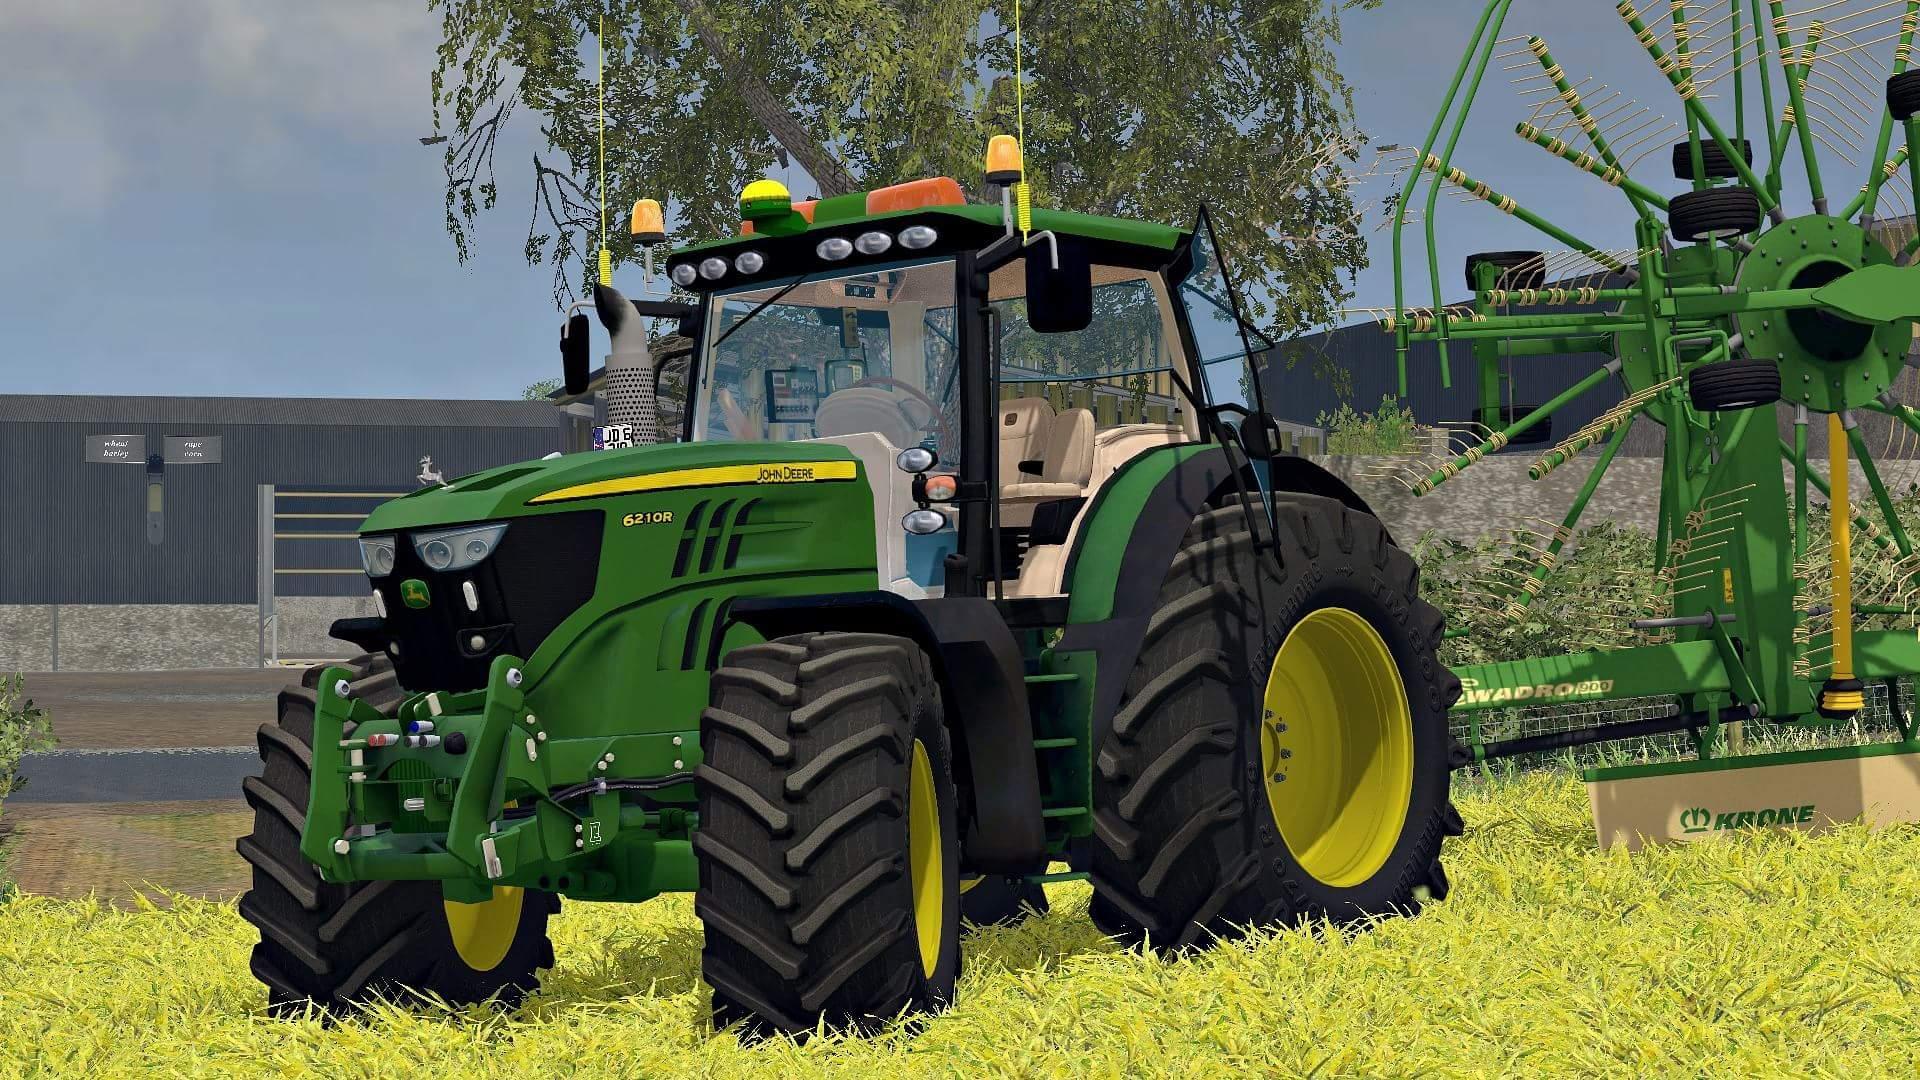 John Deere 6210r V2 Tractor Farming Simulator 2019